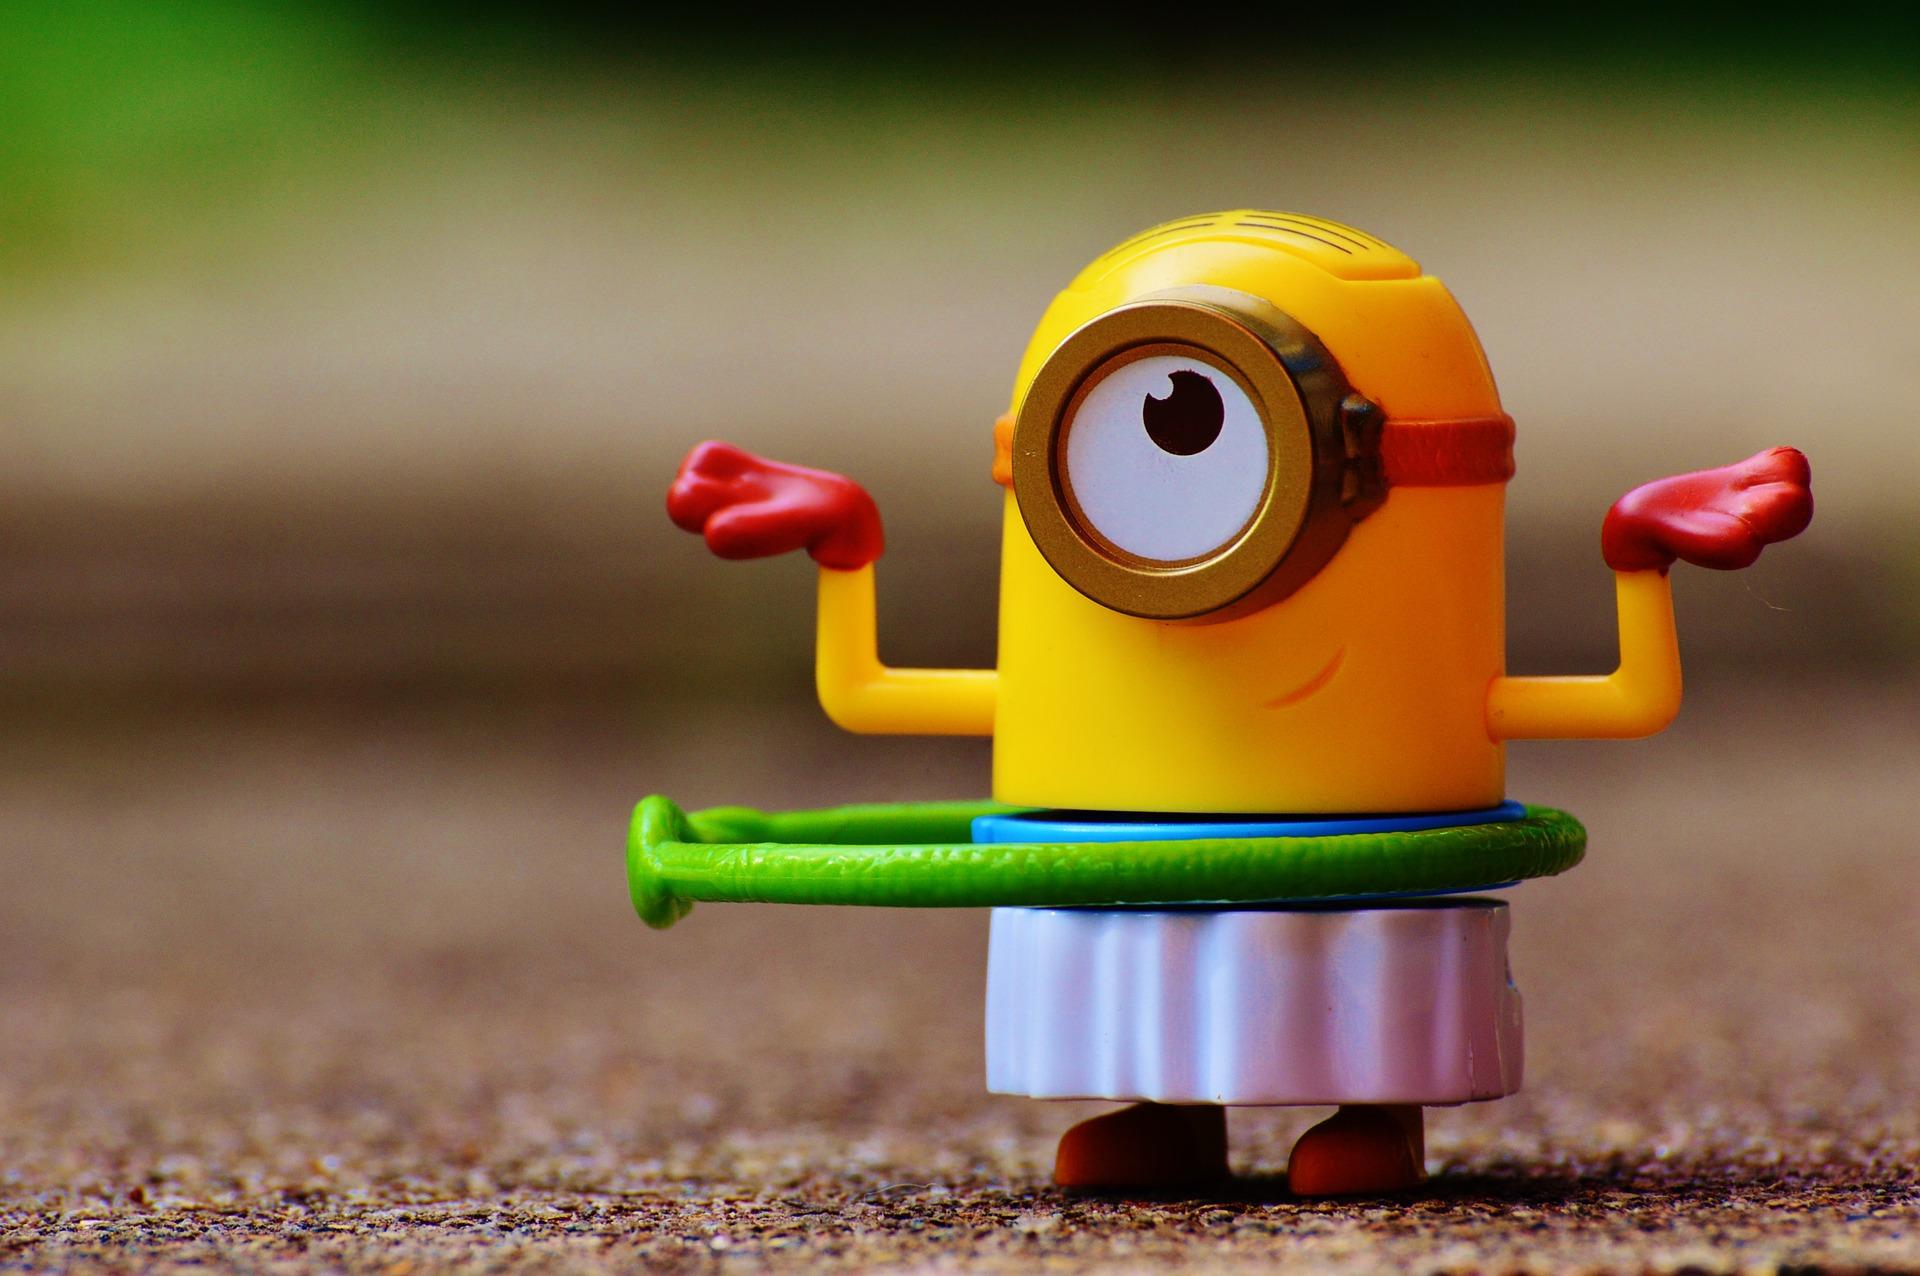 minion, aro, खिलौना, आंकड़ा, ojo - HD वॉलपेपर - प्रोफेसर-falken.com